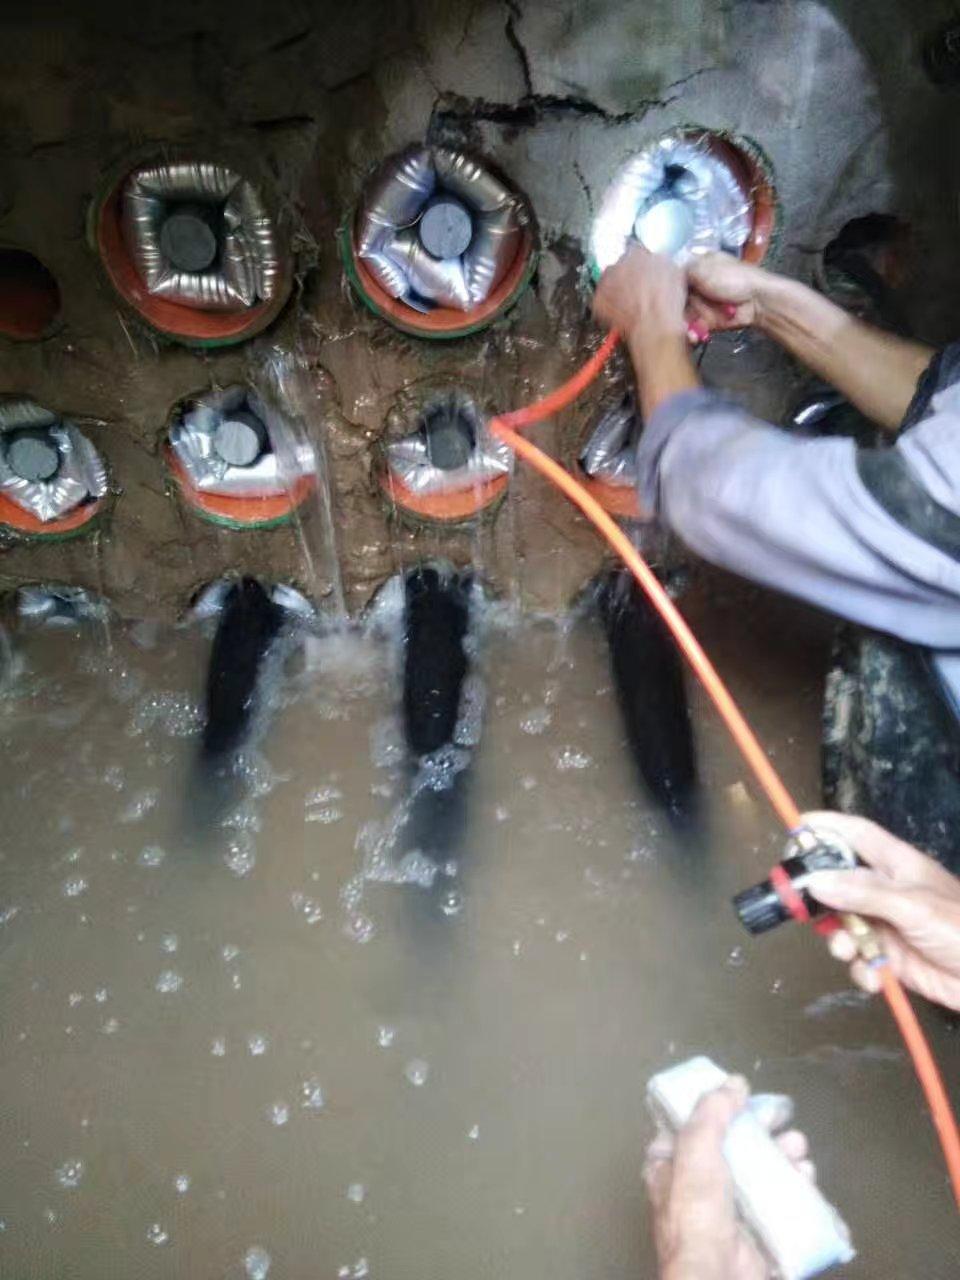 江苏国网某变电站电缆管道防水密封大整顿,从此焕然一新